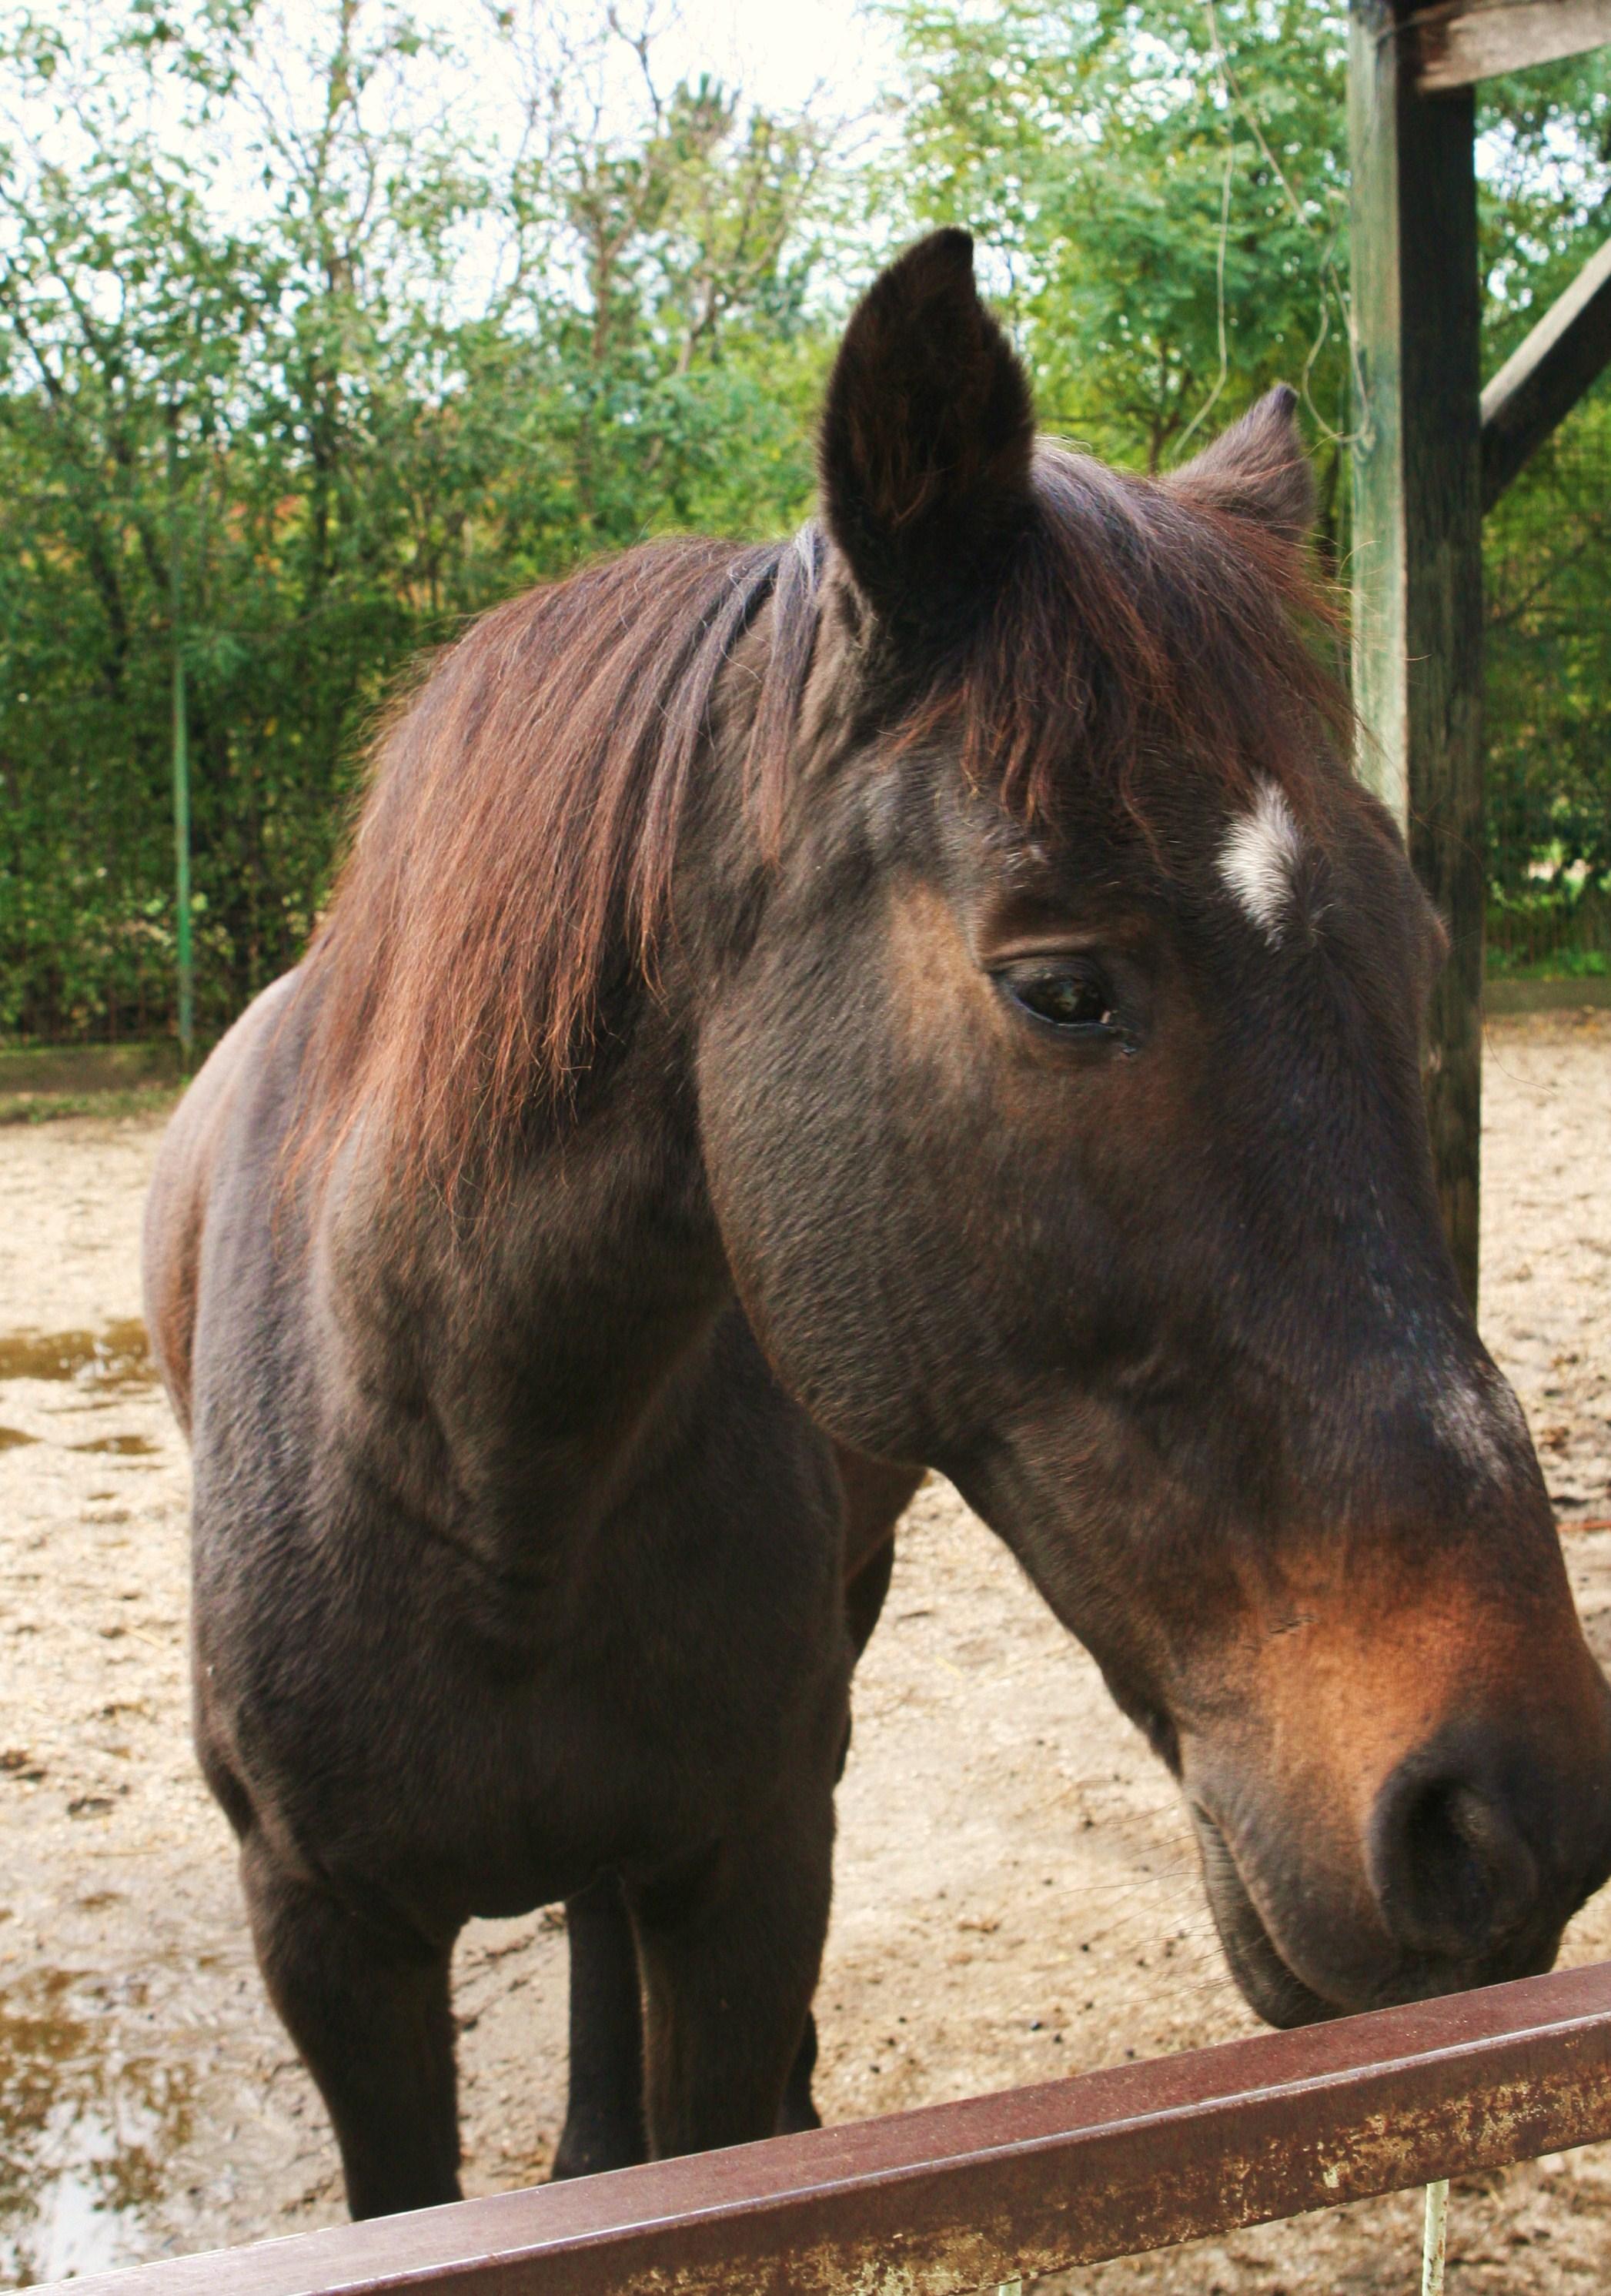 Egy lovat már 60.000 forintért is lehet vásárolni. Meg is teszik sokan hirtelen felindulásból. A történet vége sajnos néha a vágóhíd... jobb esetben egy állatotthon.  A képen egyébként a menhely egyik állandó lakója, Honey.